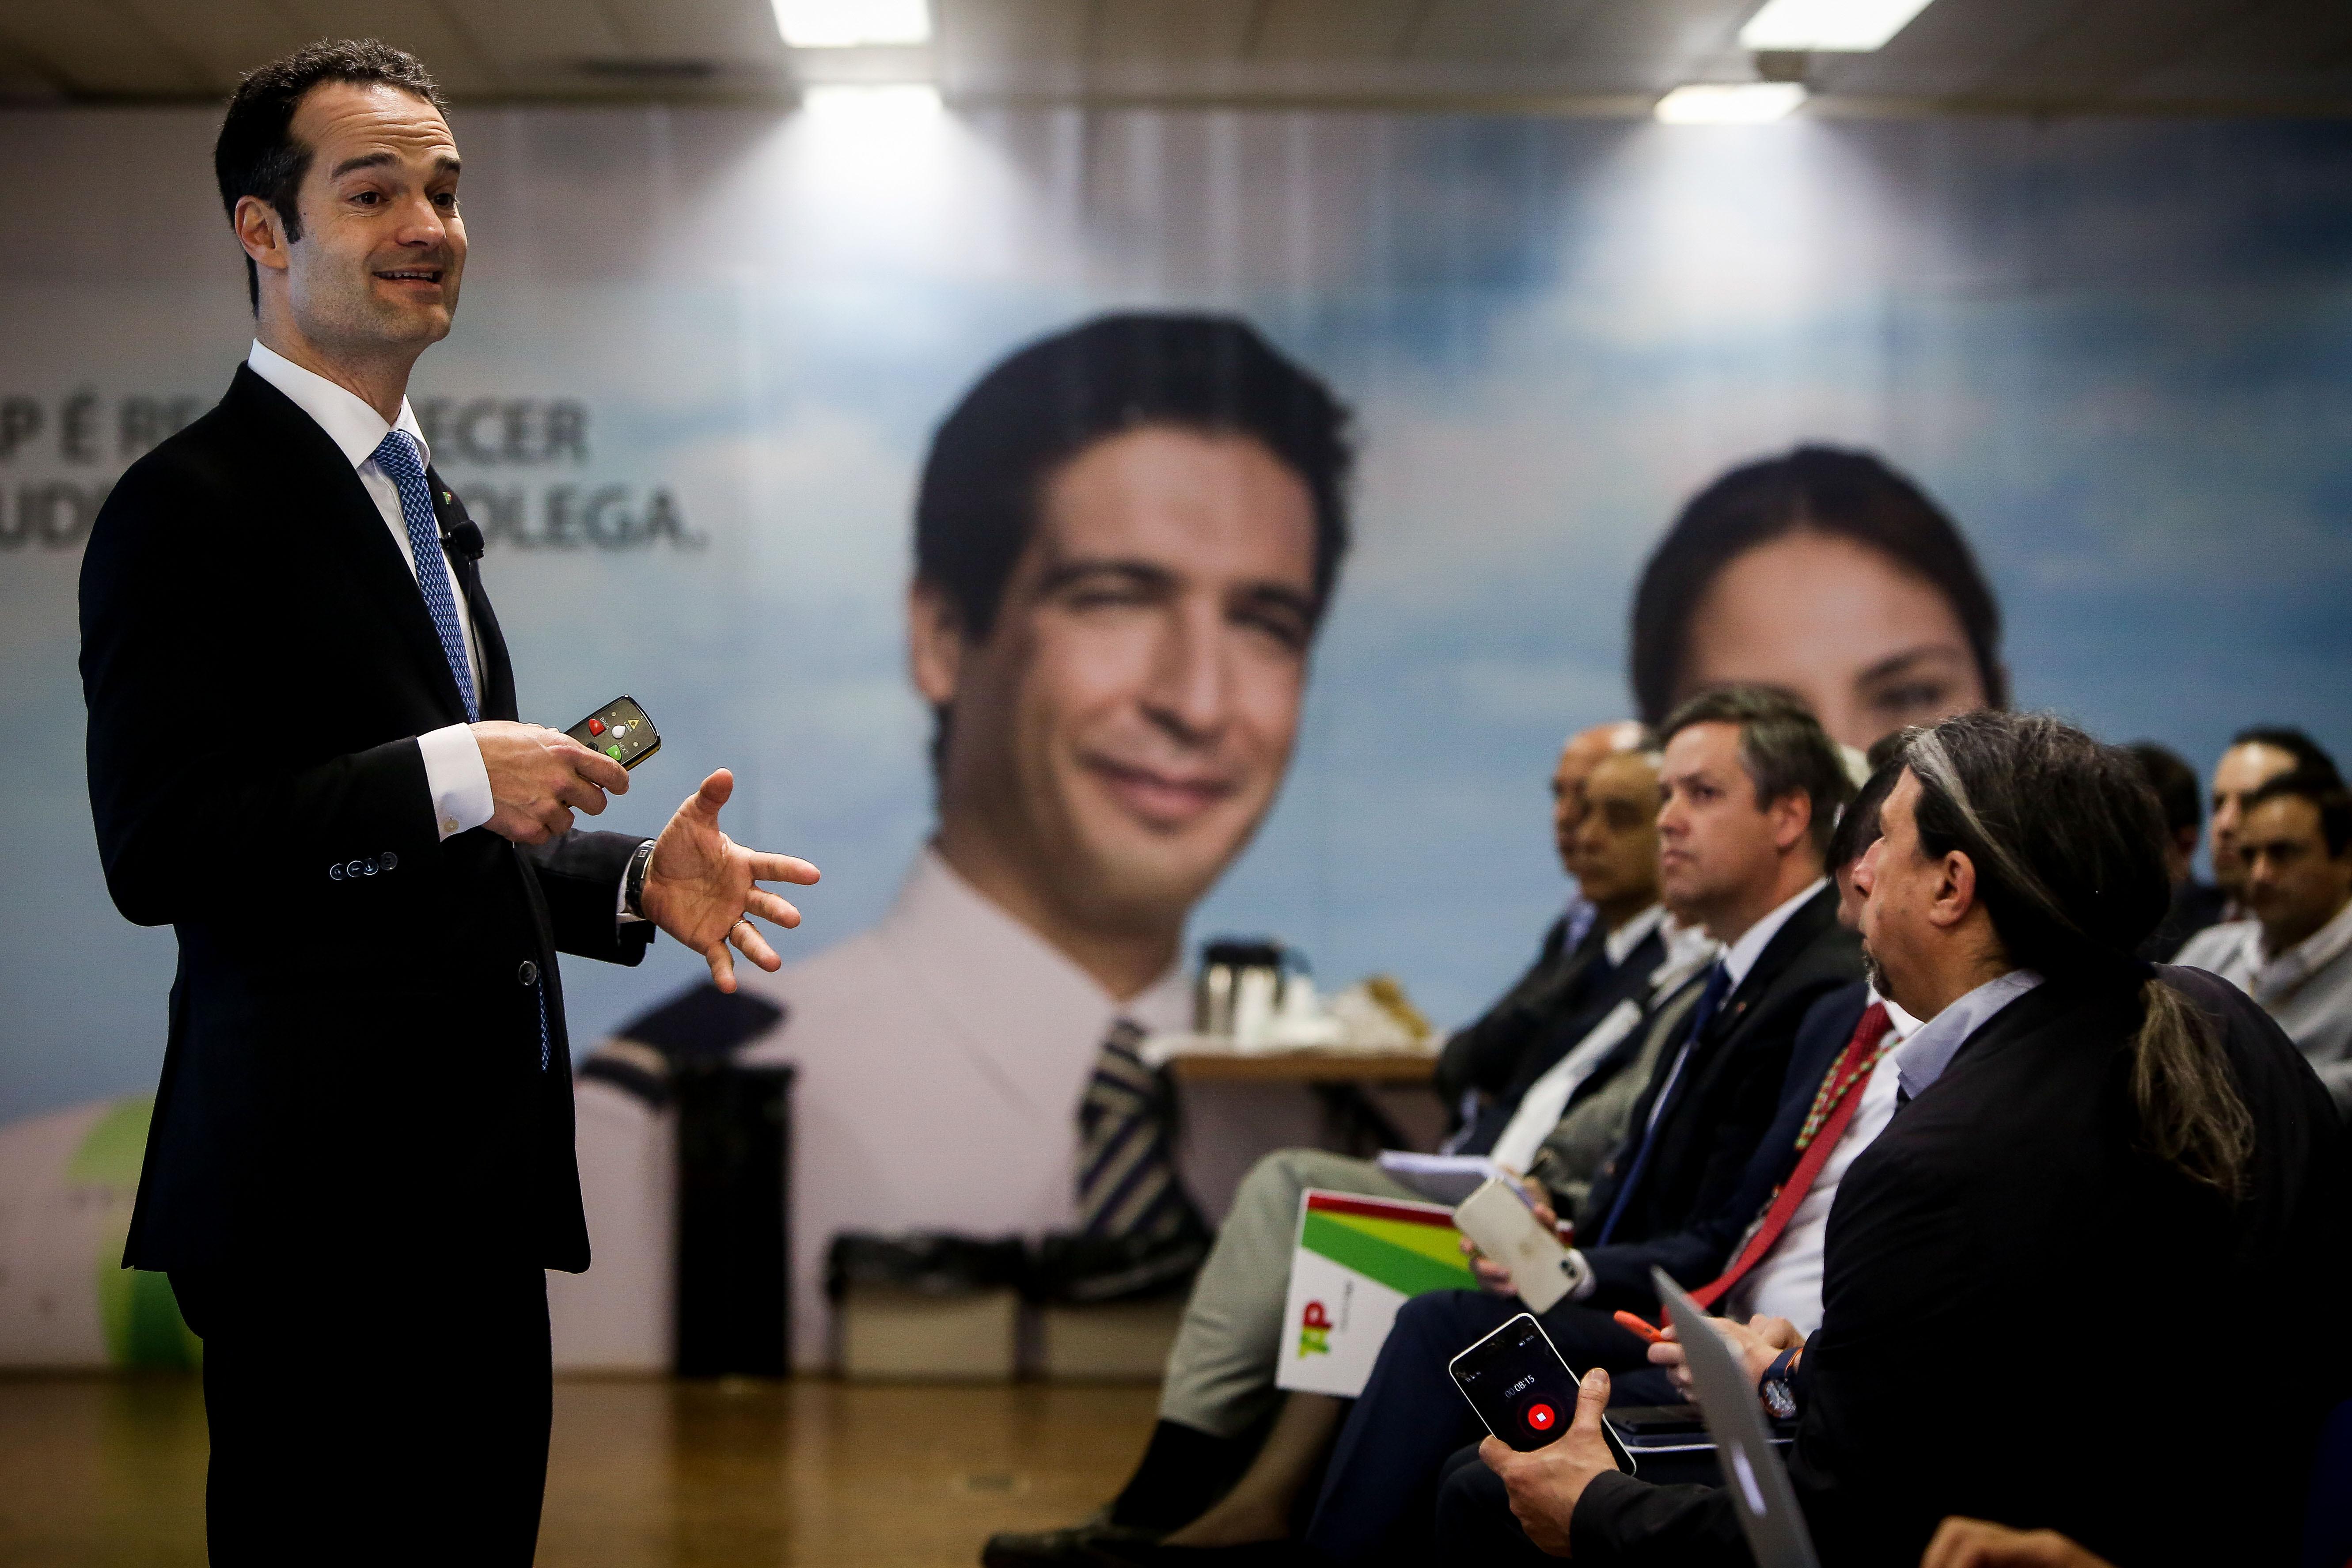 Crescimento da TAP depende da conclusão de obras na Portela